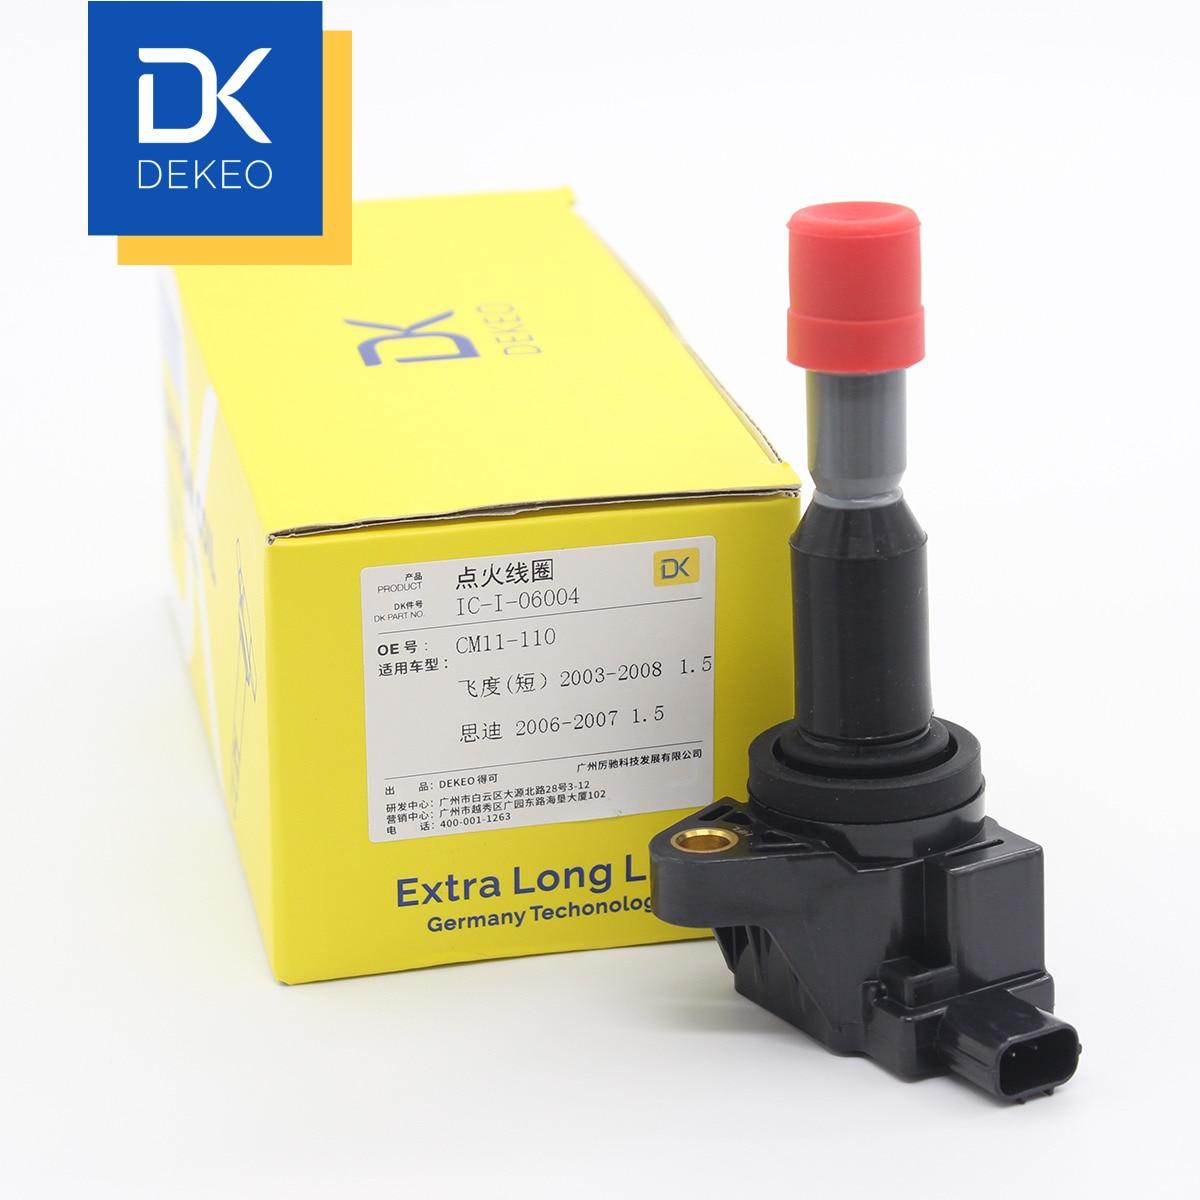 DEKEO bobinas de encendido para Honda Fit (GD) 1.5L L15A1 Fit (GD) 1.5L L15A1 ciudad 1.5L L15A1 CM11-110